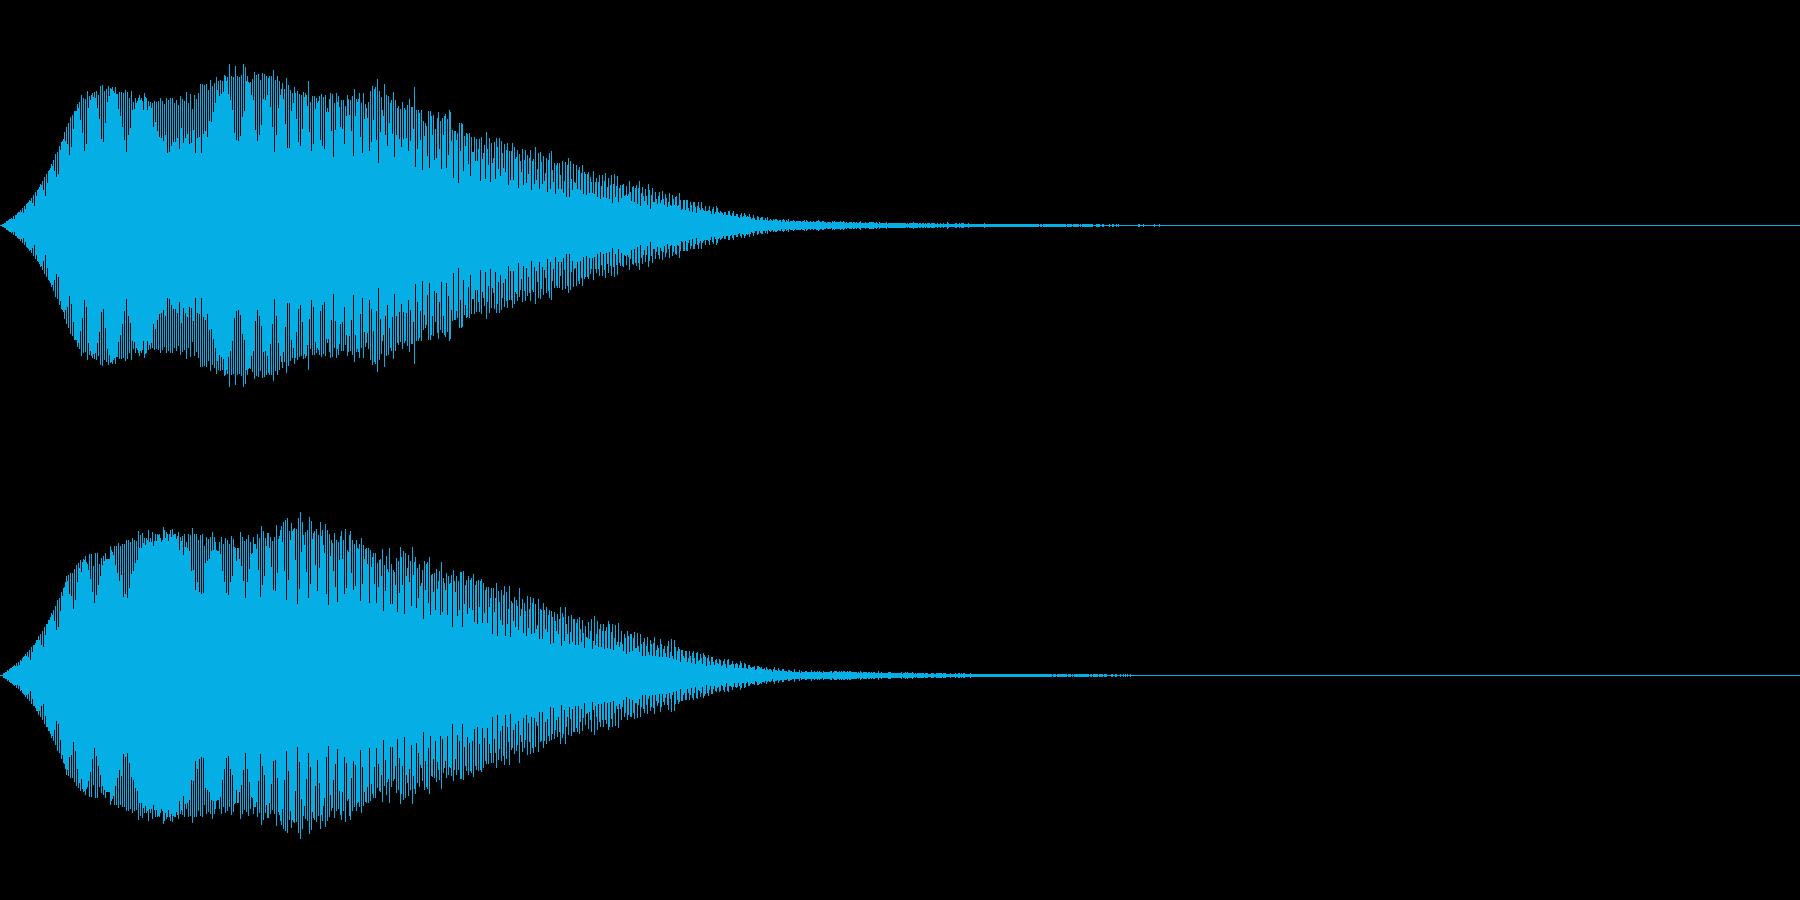 TVFX テレビ向けヒューン音 1の再生済みの波形